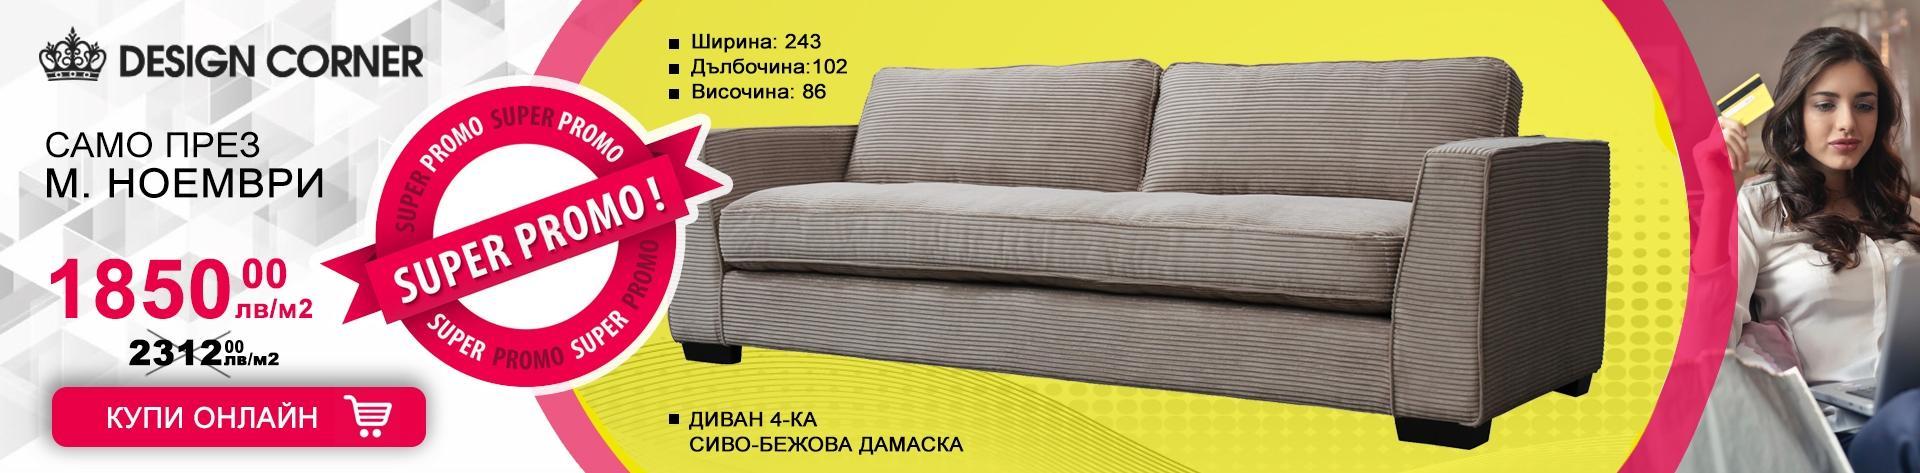 Промоция на мебели от DesignCorner